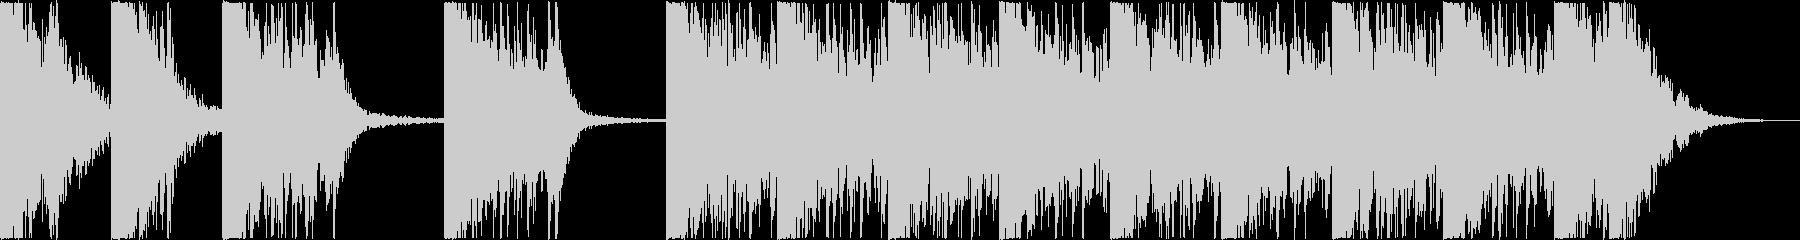 打楽器+打撃音 BPM=132の未再生の波形